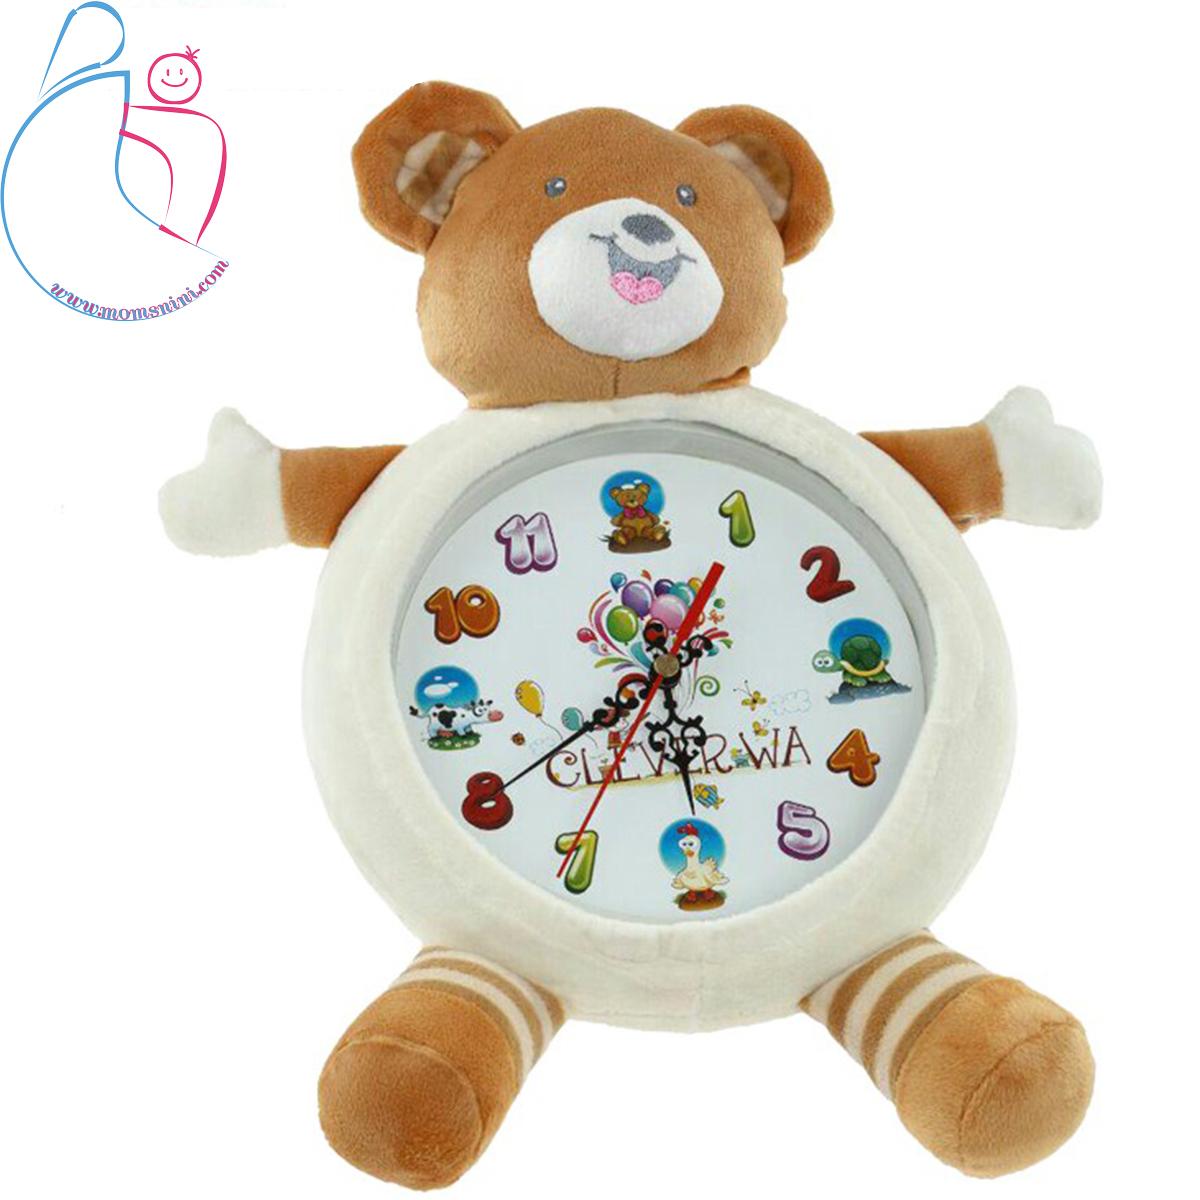 ساعت پولیشی اتاق کودک طرح خرس برند Clever Wa